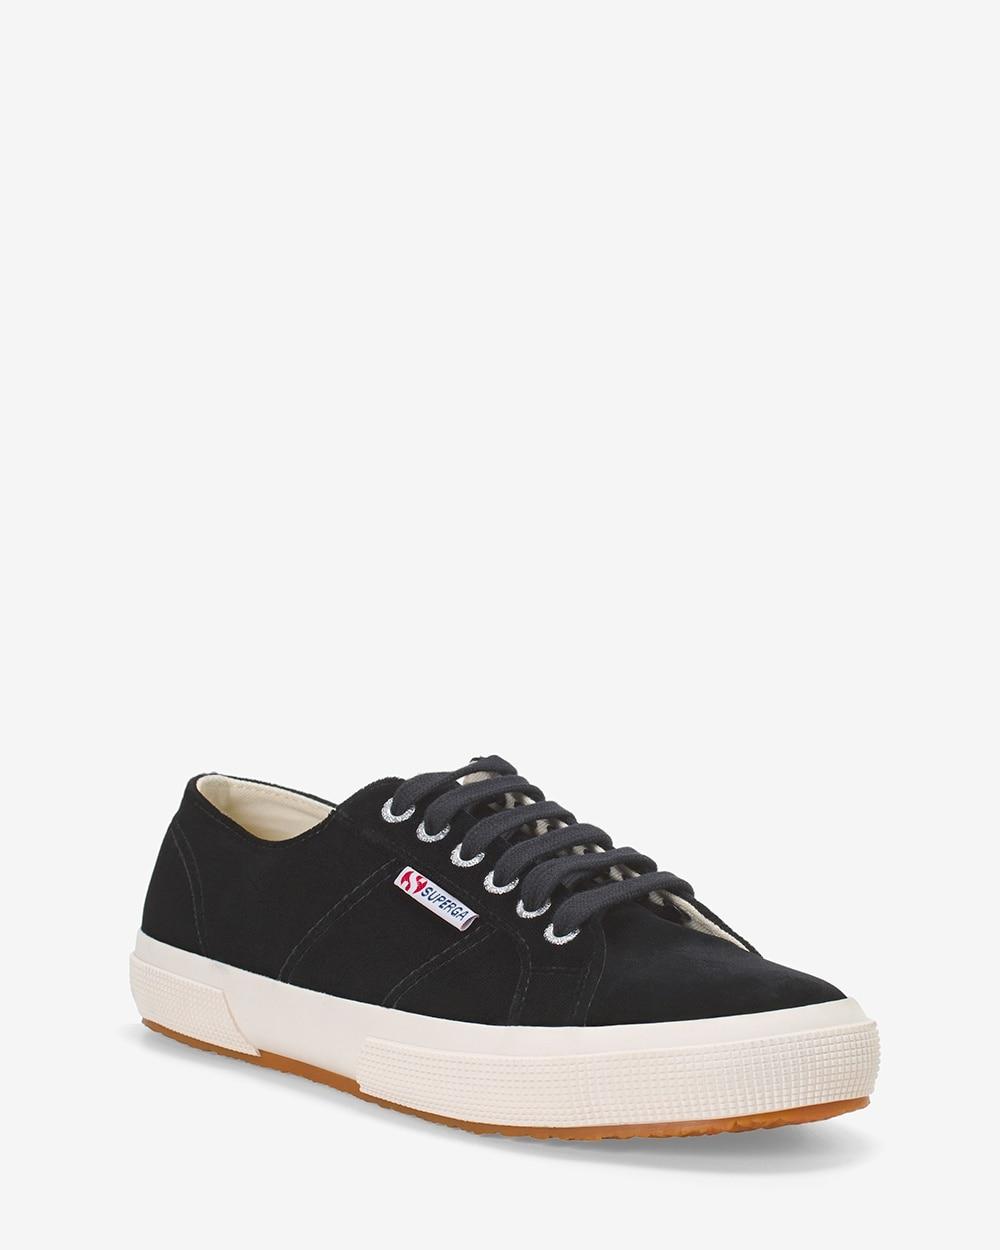 2750 Superga Black Velvet Sneakers